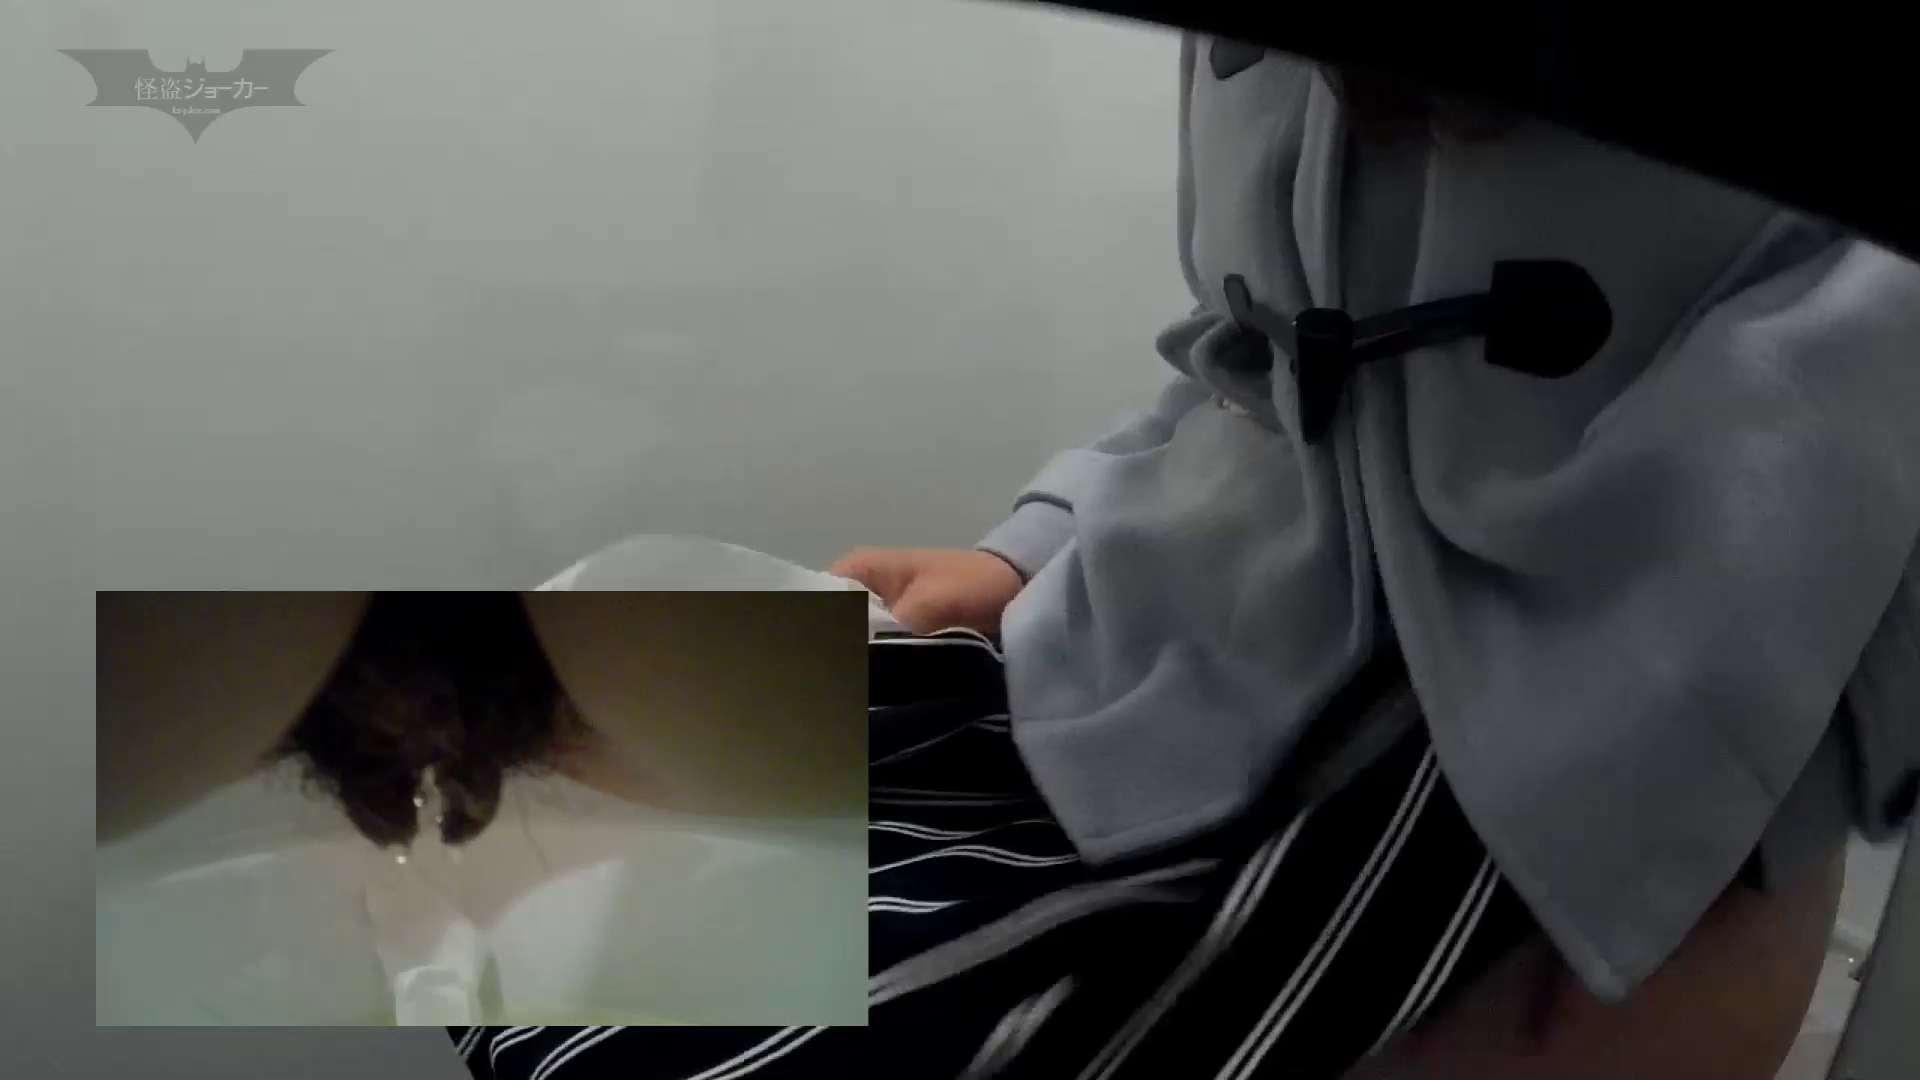 有名大学女性洗面所 vol.57 S級美女マルチアングル撮り!! 美女 | 和式便所  80枚 61